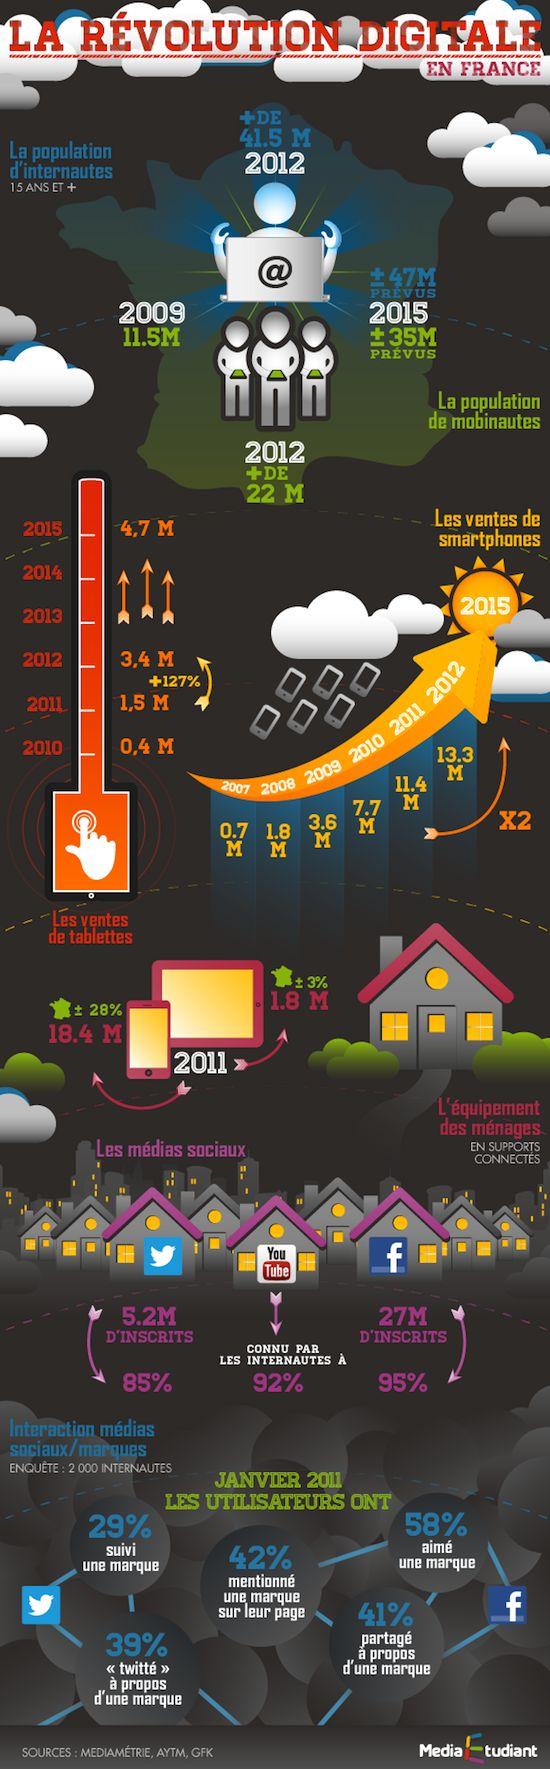 La révolution digitale française est mobile ! (chiffres, mobile, tablette) via @NatachaQS